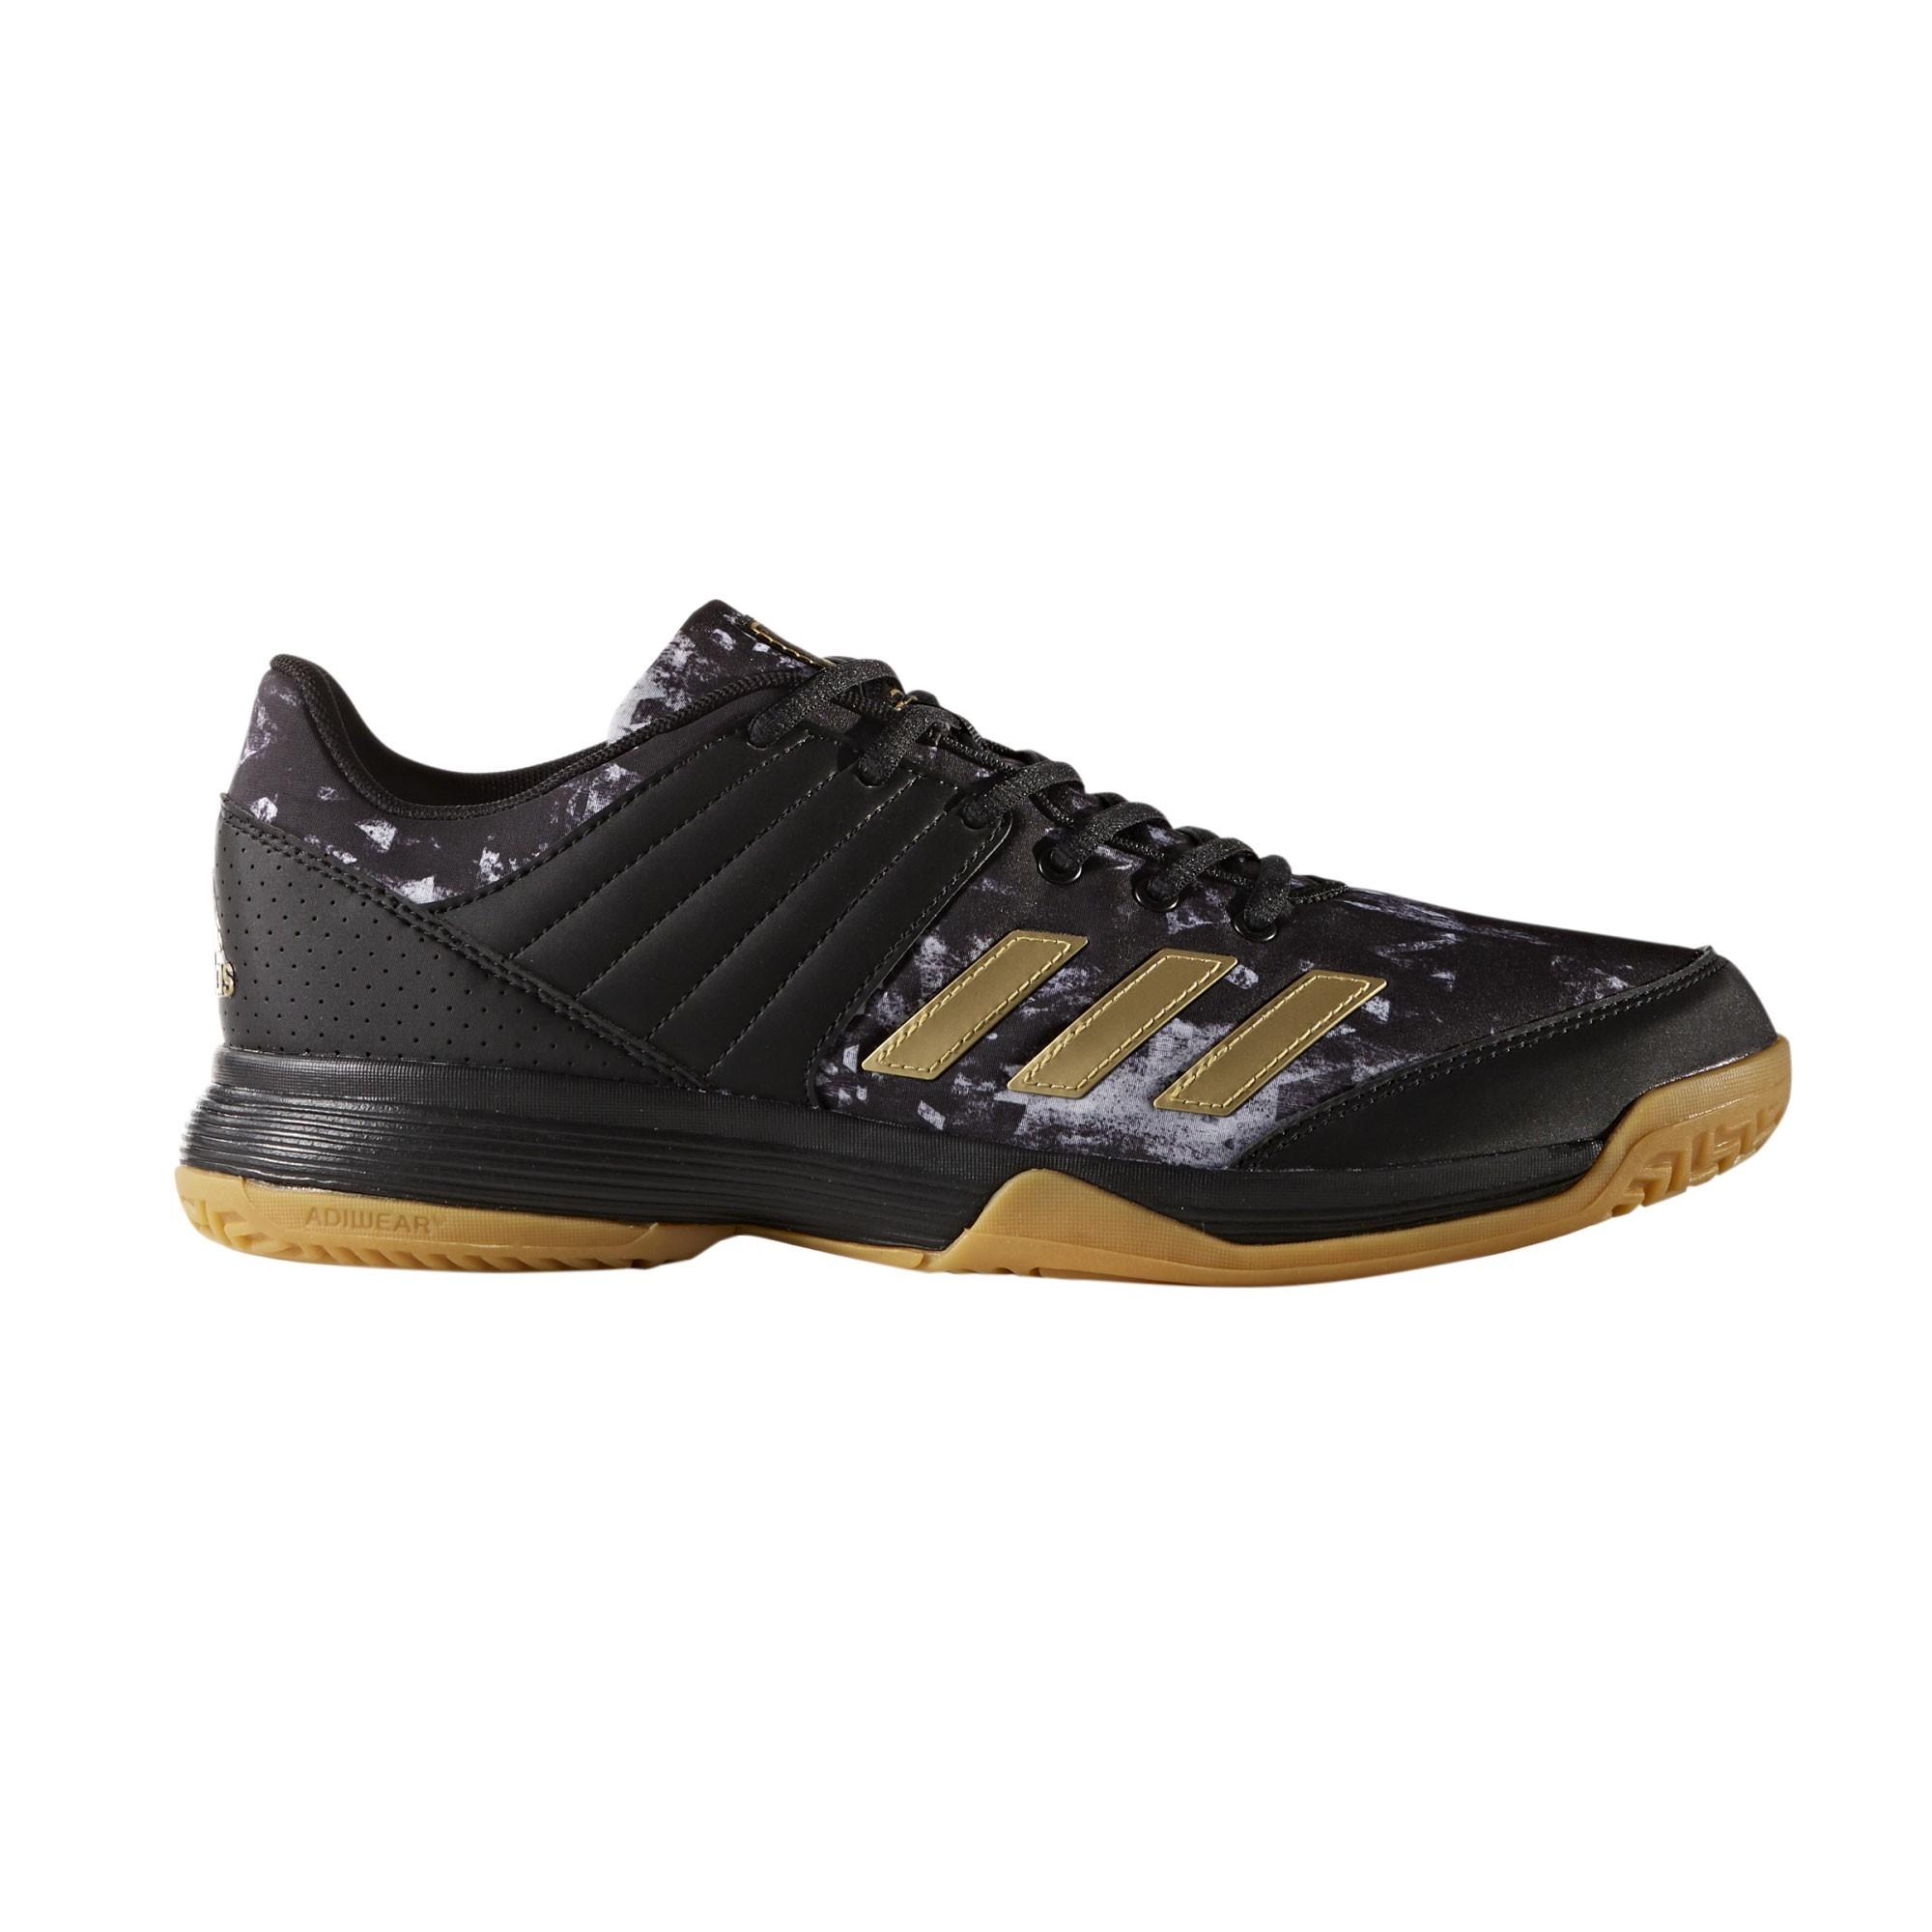 Afbeelding van Adidas Ligra 5 BY2572 Indoorschoenen Heren Core Black